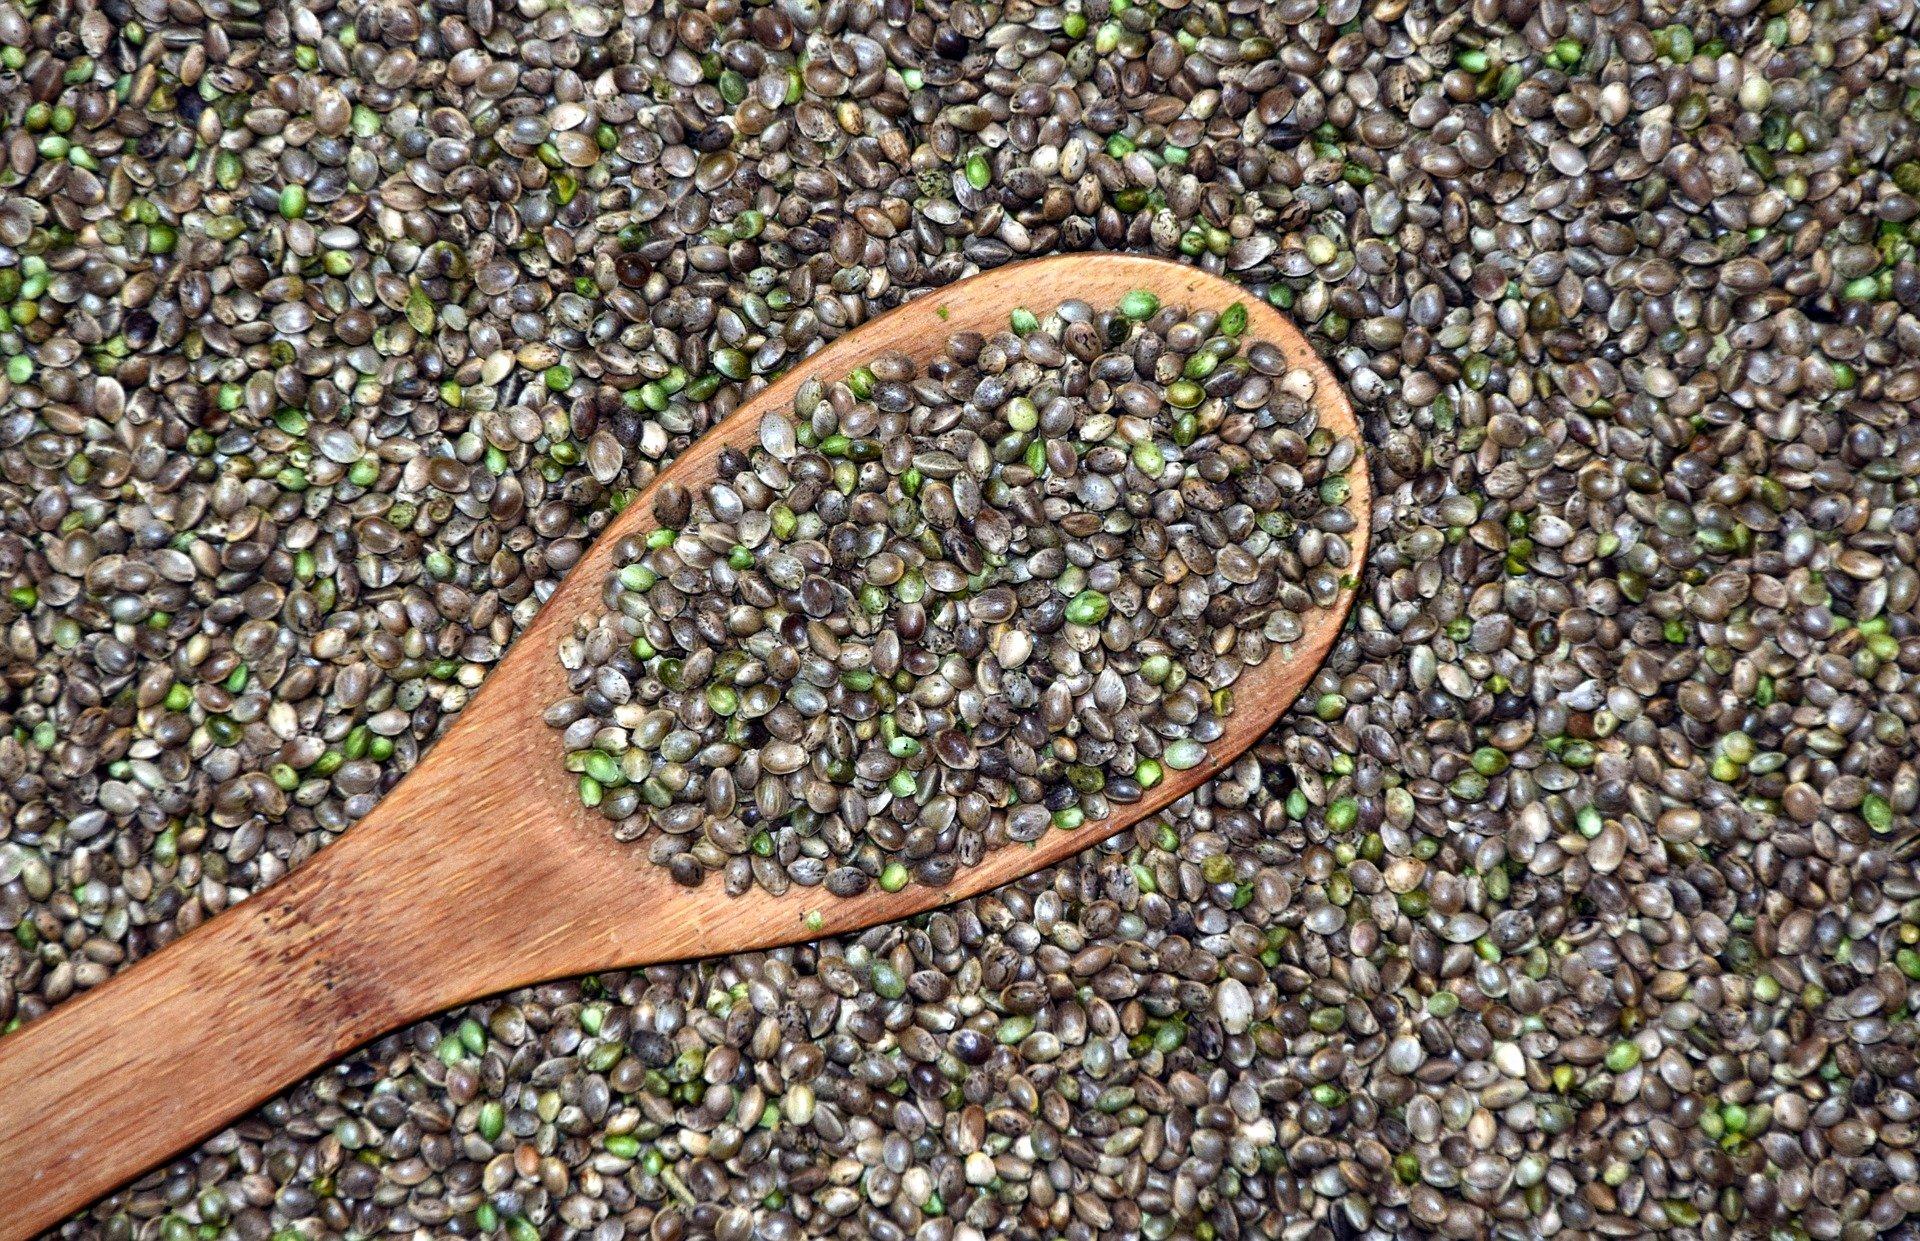 Hanfsamen als Basis für den Hanfanbau